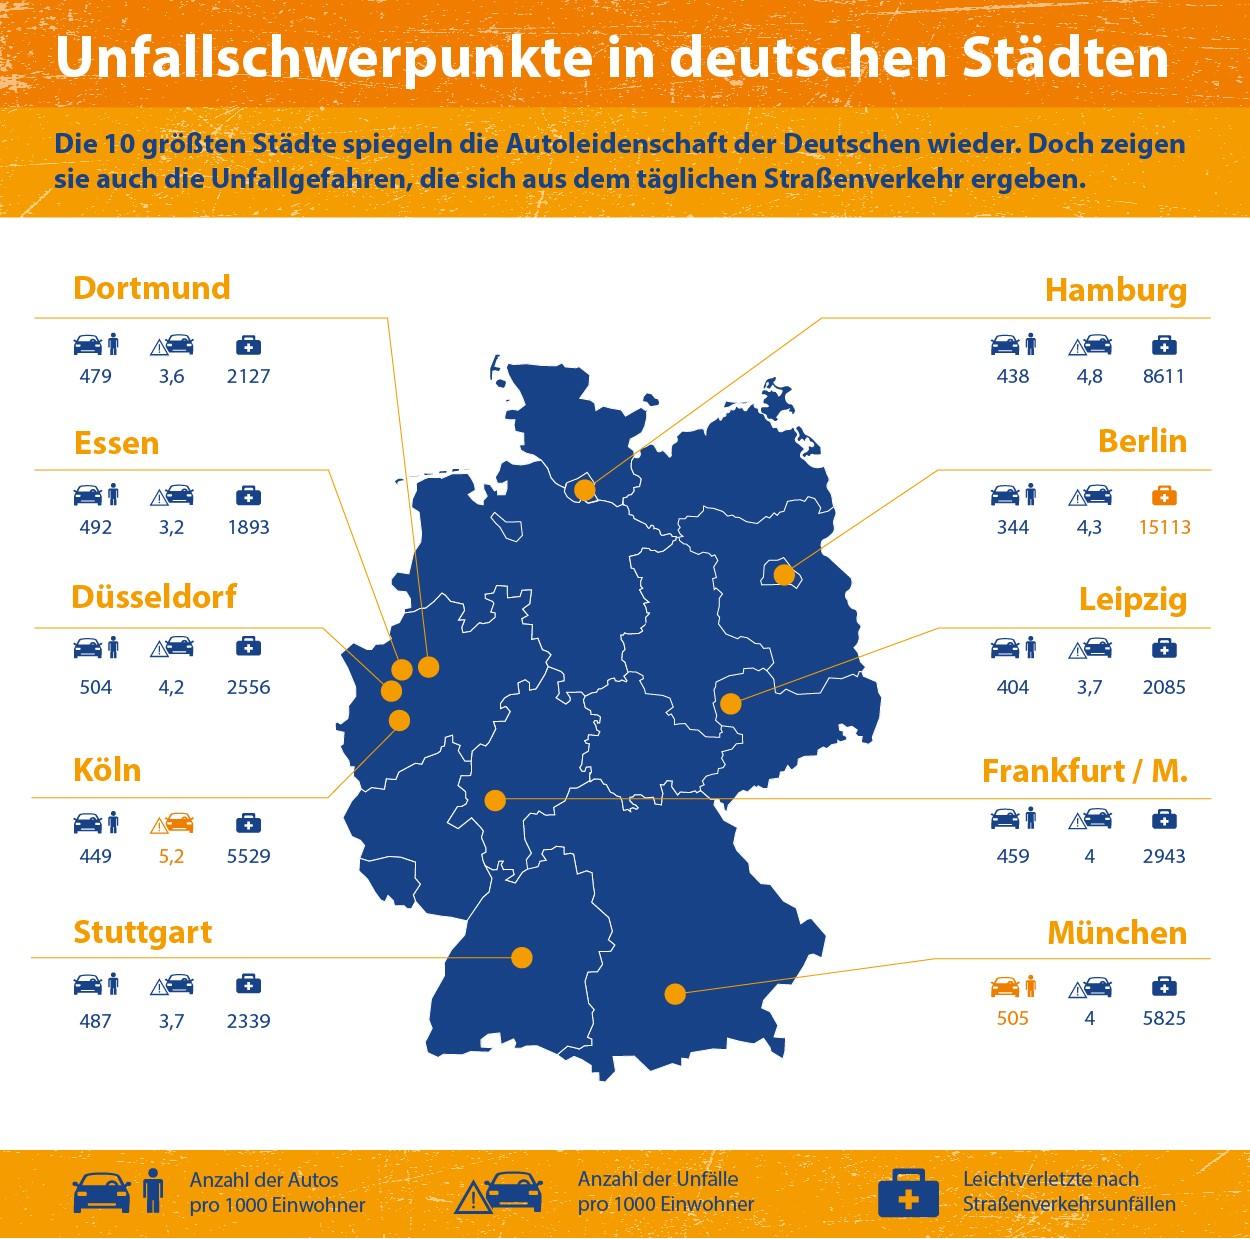 kfzteile24 Infografik Deutsche und ihre Autos - Unfallschwerpunkte